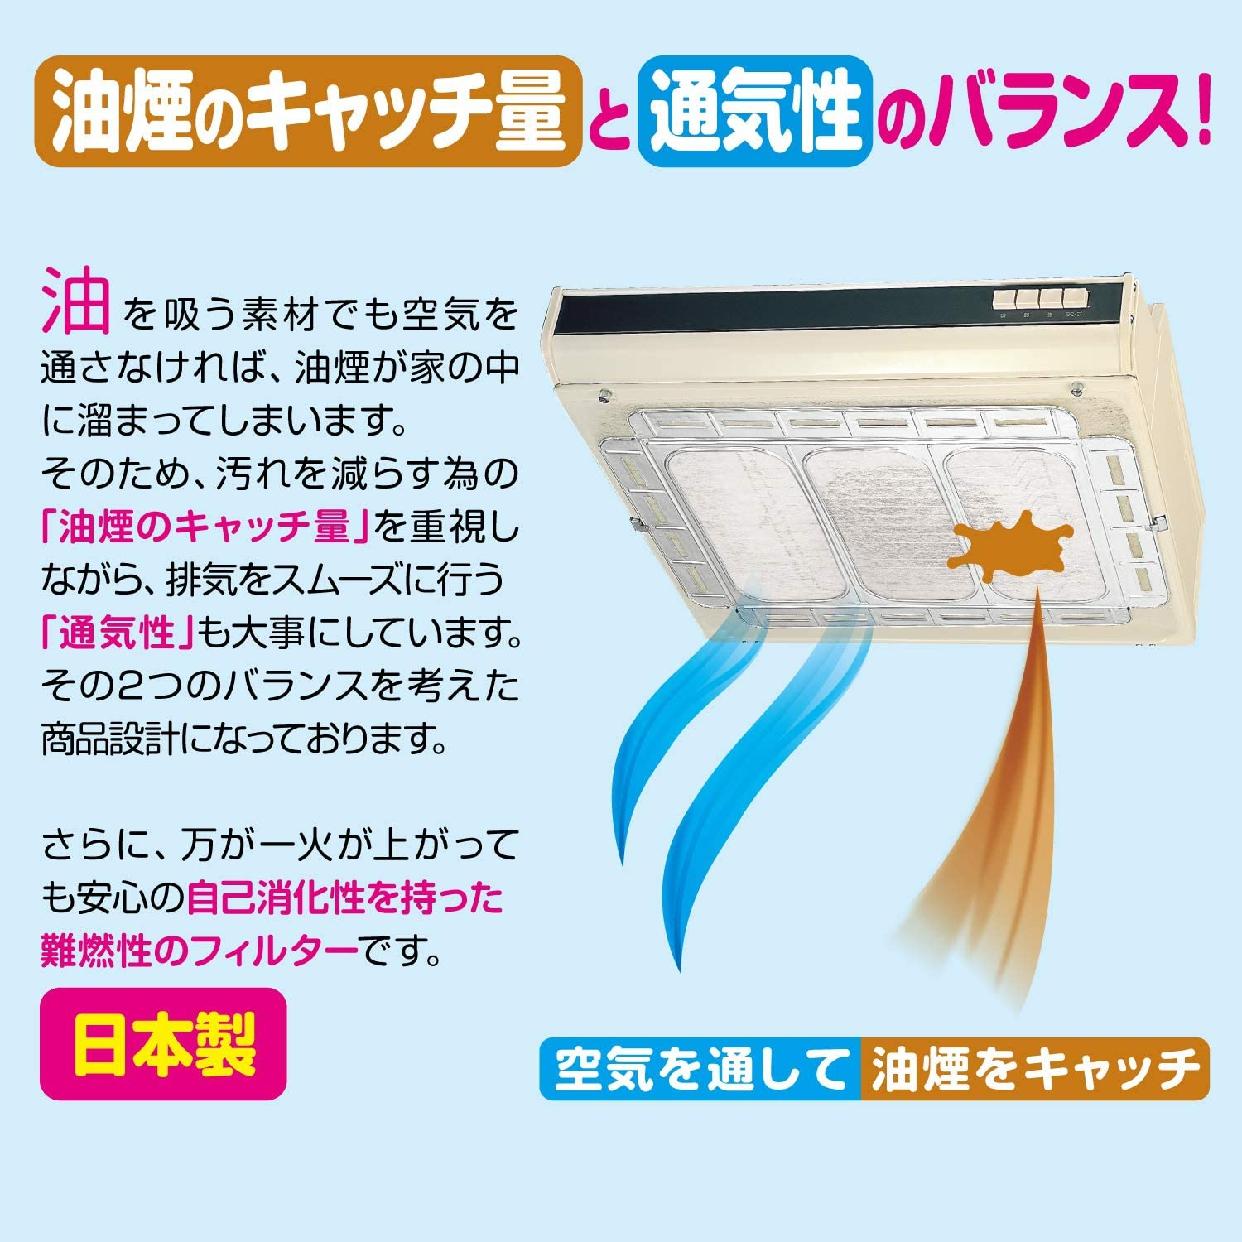 東洋アルミ(トウヨウアルミ)浅型用 レンジフードカバー でか 1枚 S2515の商品画像4